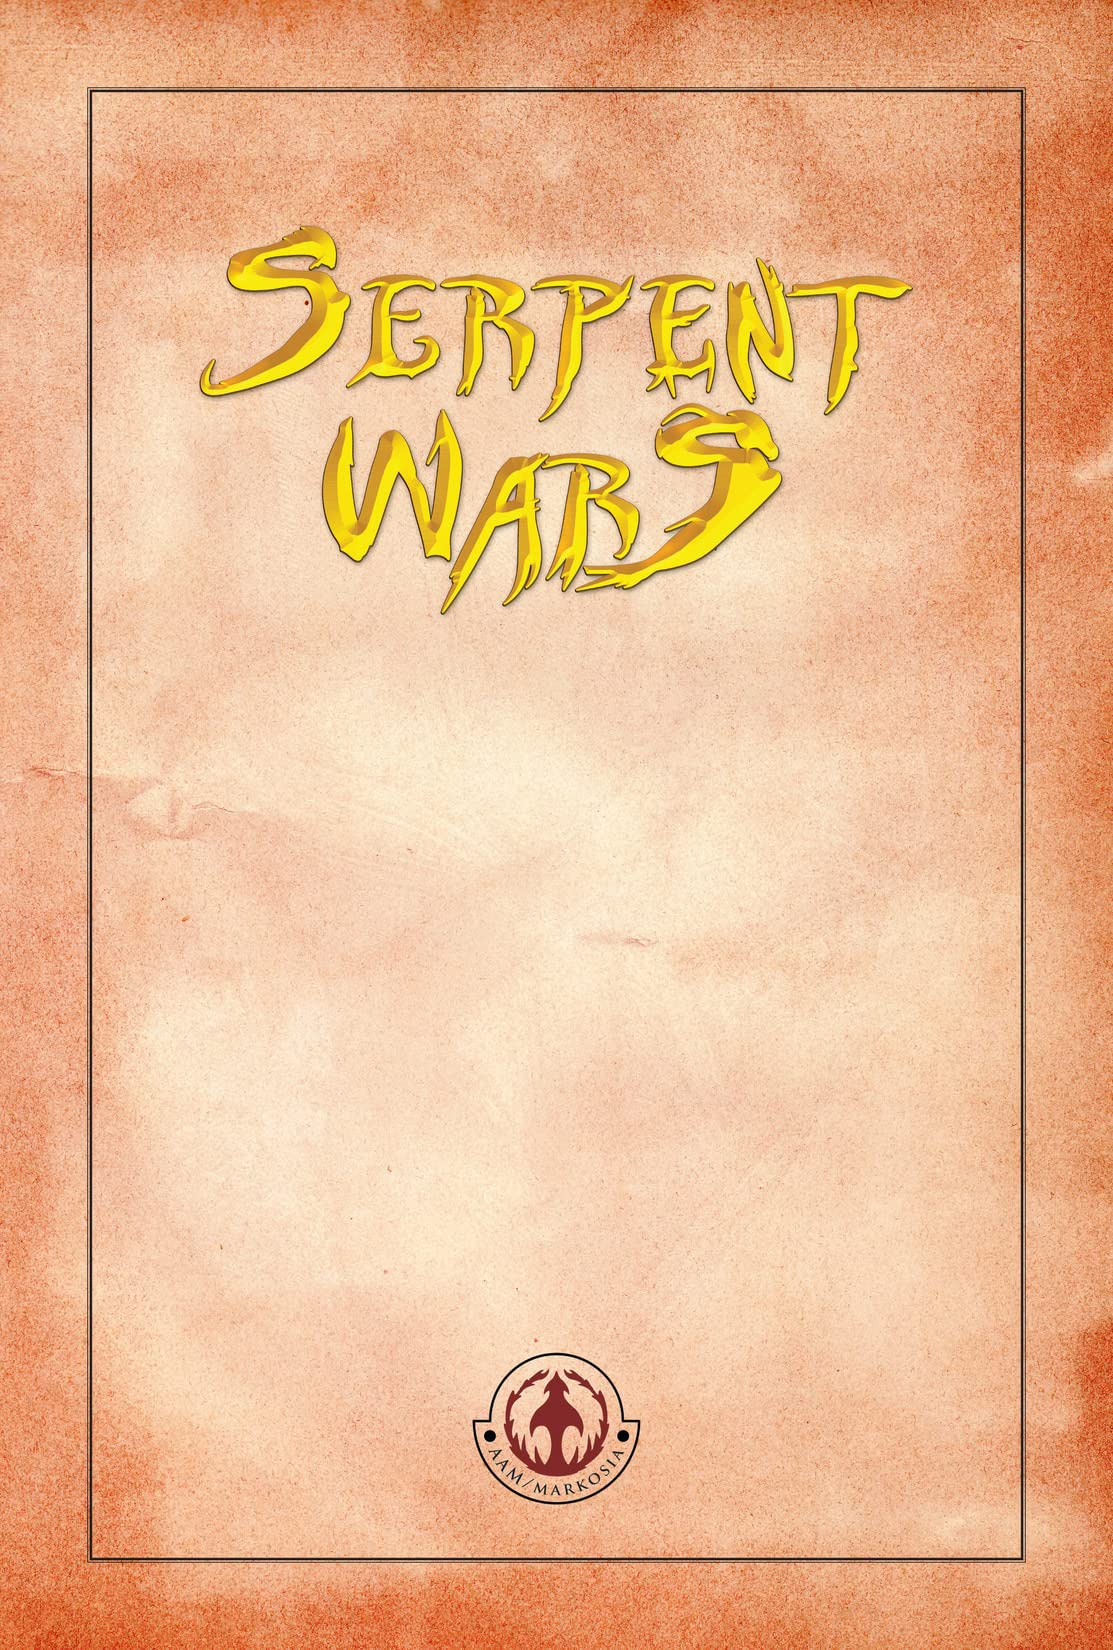 Serpent Wars